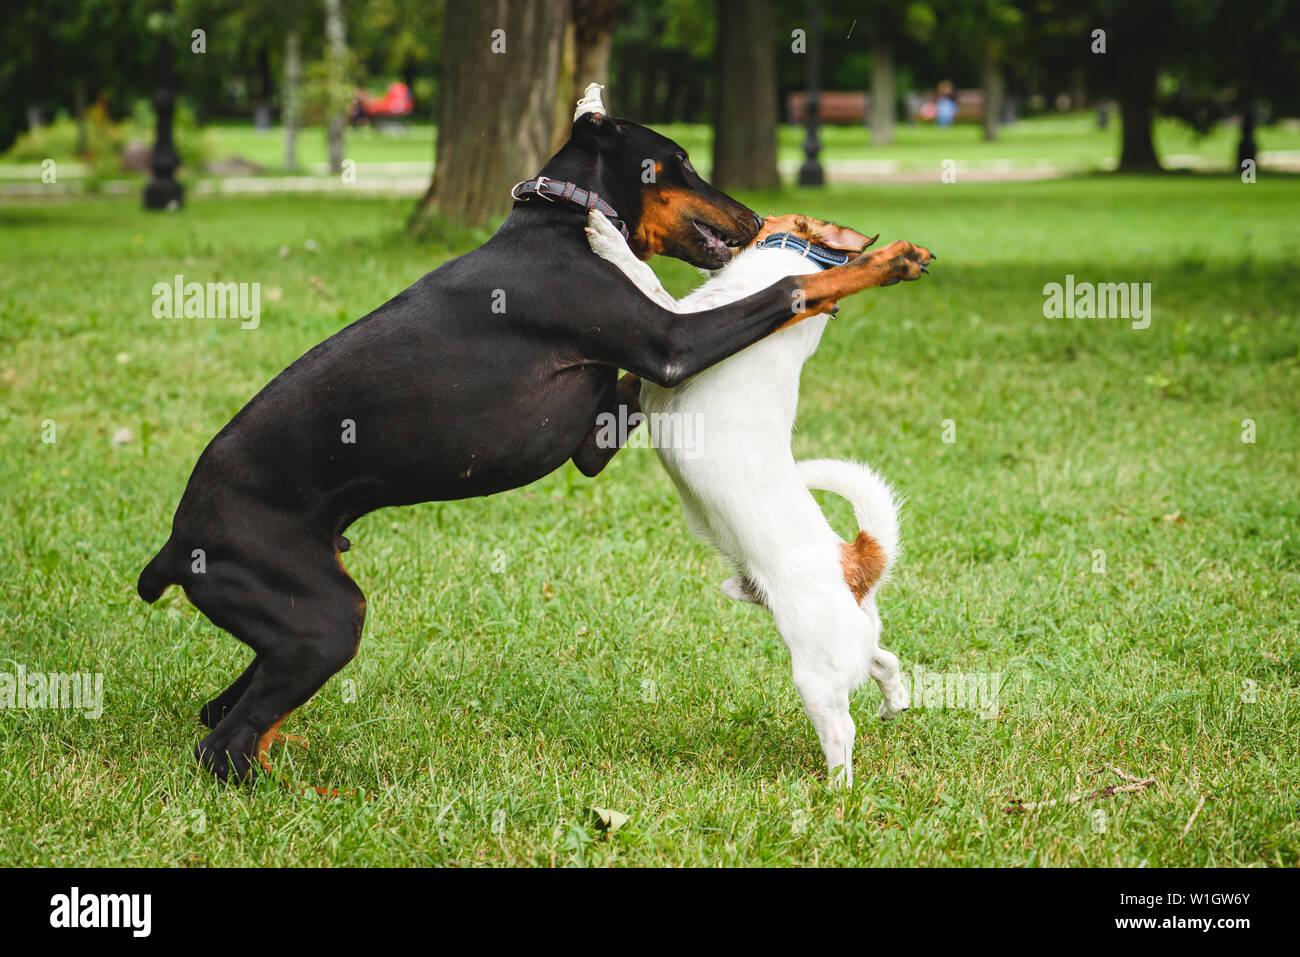 Dobermann cucciolo getting socializzazione pratica in luogo pubblico giocando con il cane adulto Immagini Stock